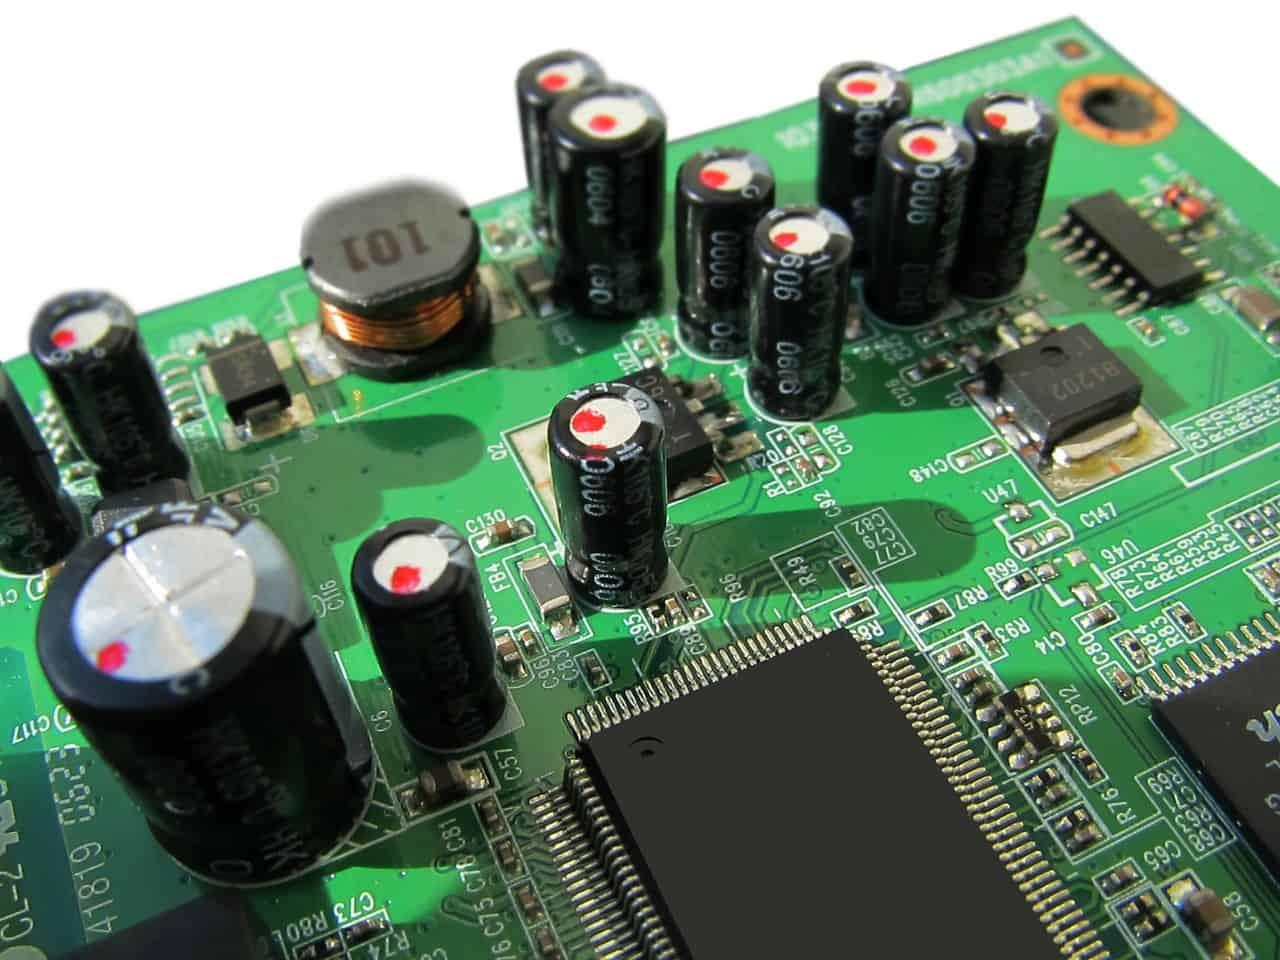 Imagem de componentes encaixados em uma placa de circuito impresso, método de funcionamento de uma placa de rede.